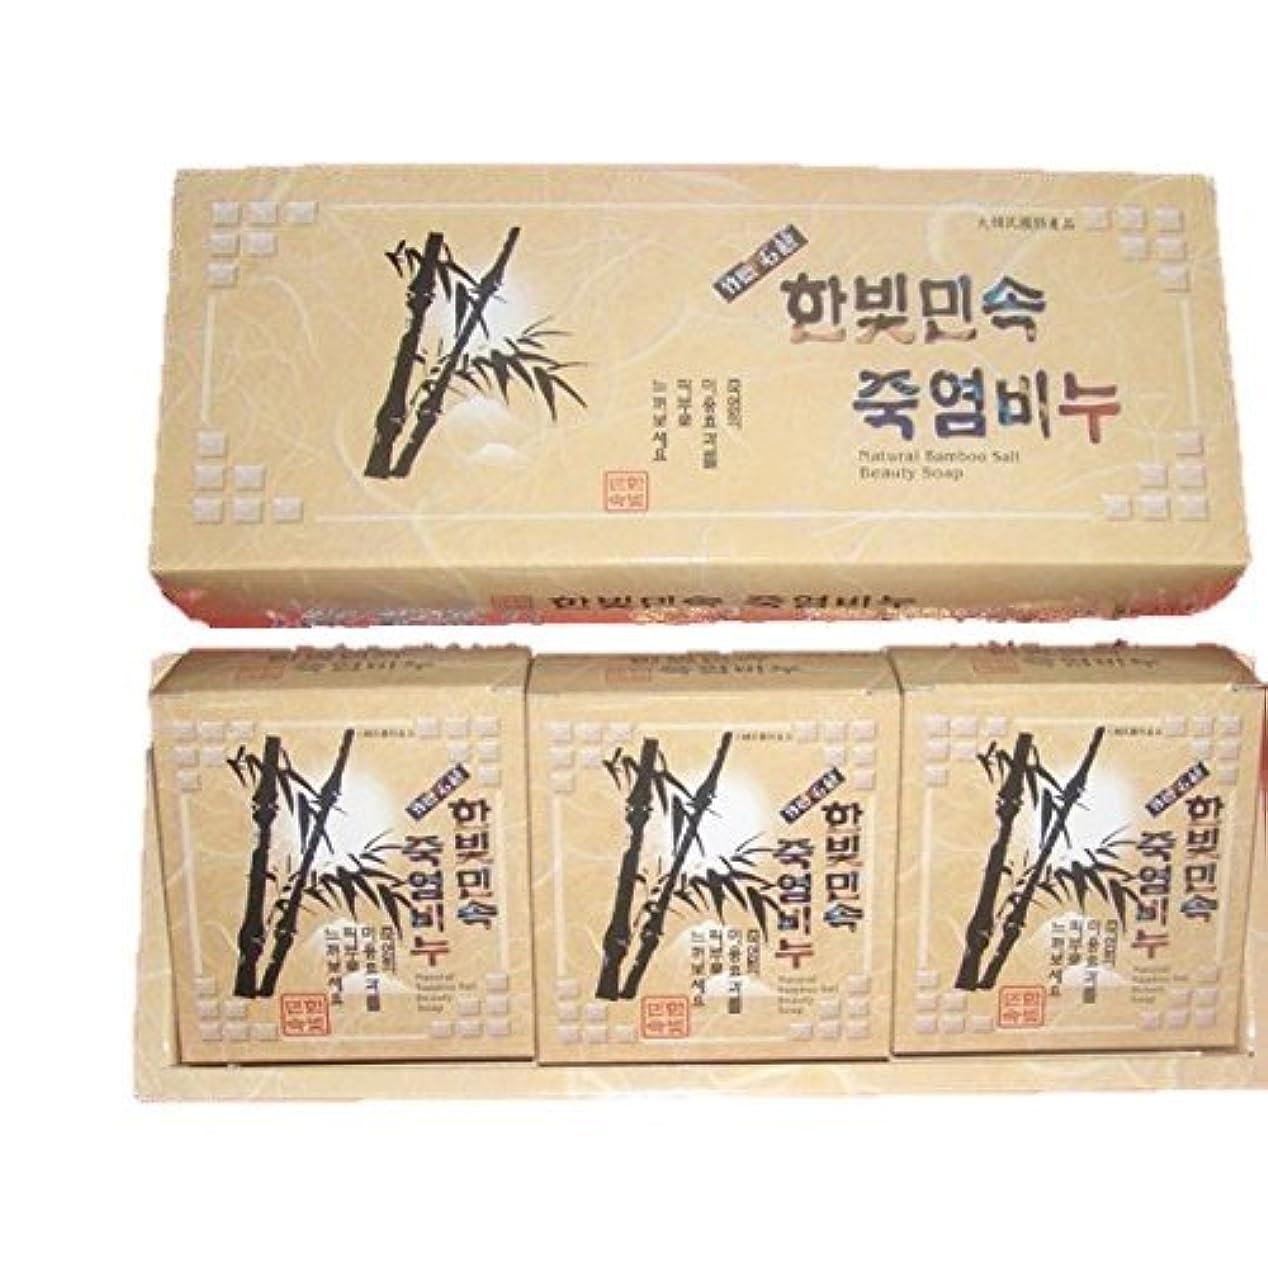 信頼性のある面倒選挙(韓国ブランド) 竹塩石鹸 (3個×3セット)